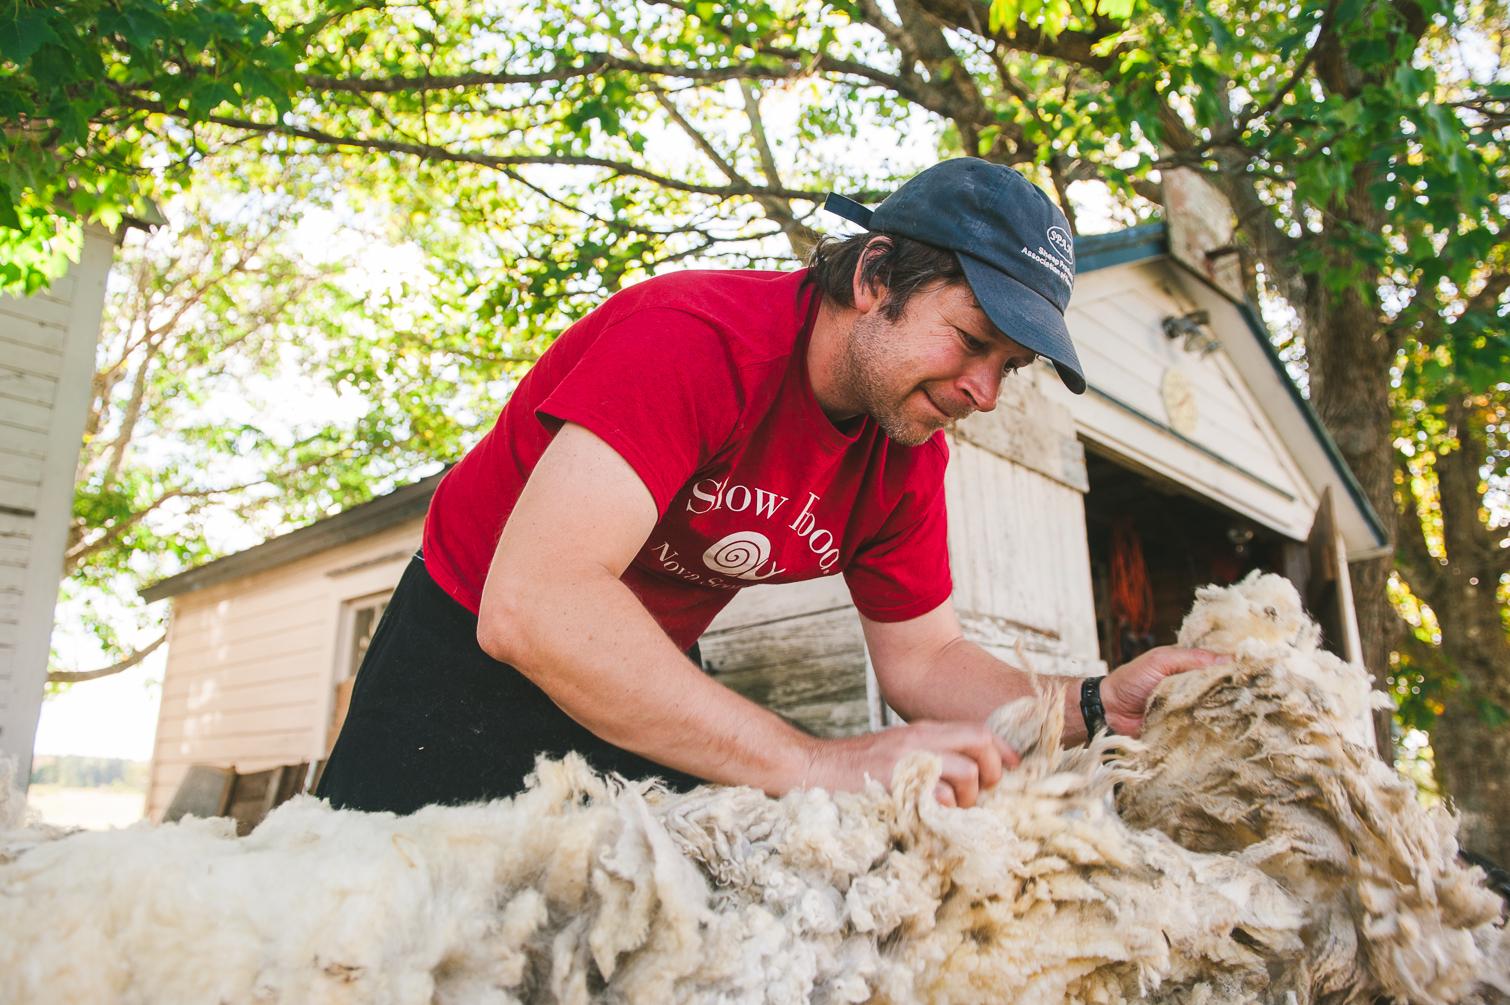 harrier_hill_sheep_wool-5